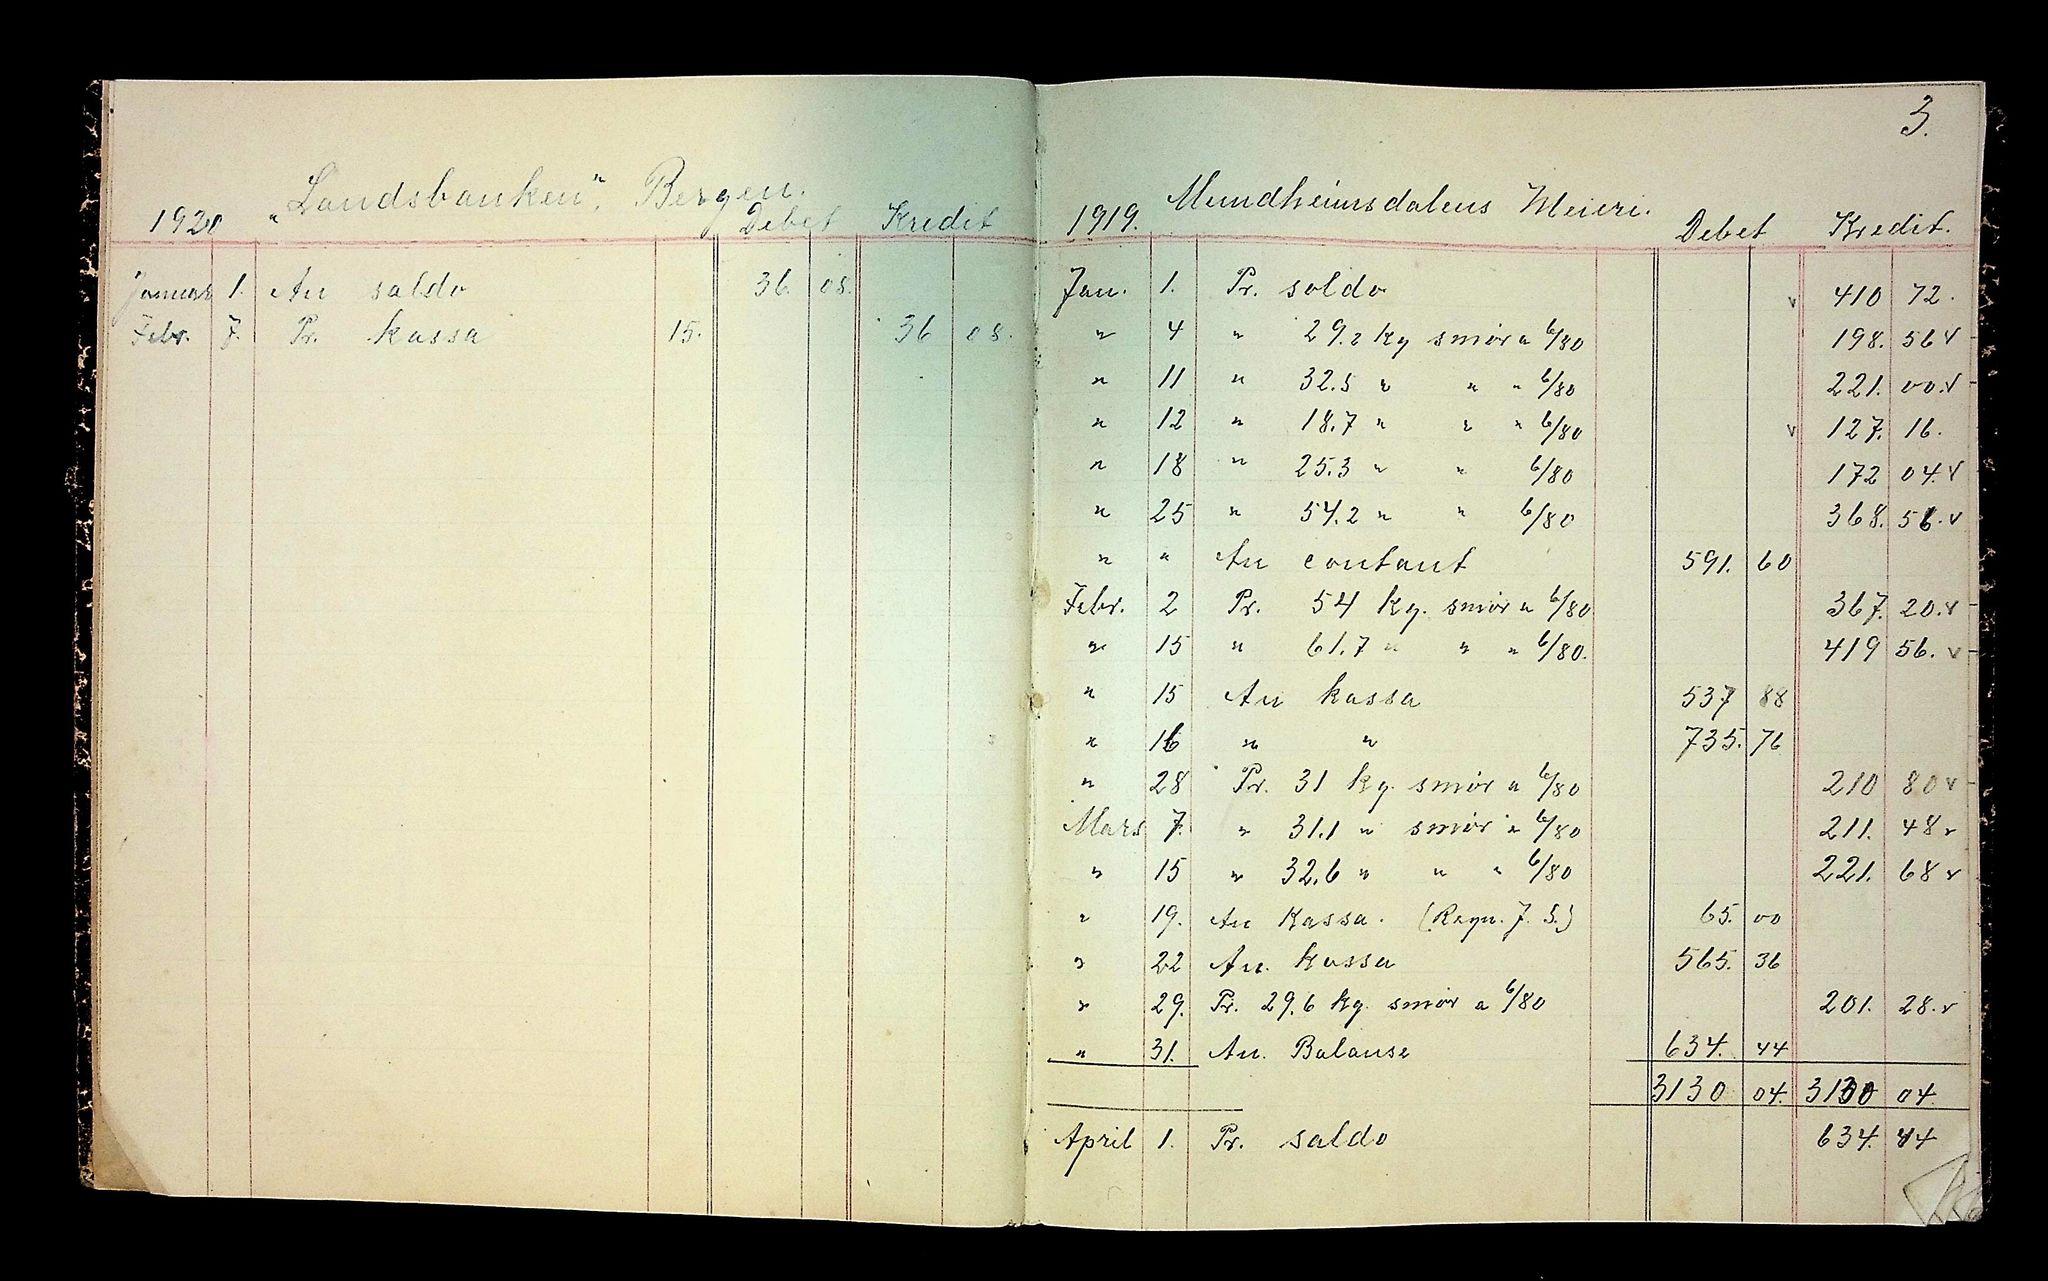 IKAH, Varaldsøy kommune. Mundheim provianteringsråd, R/Ra/L0002: Kontobok  for Mundheim provianteringsråd, 1919-1920, s. 4